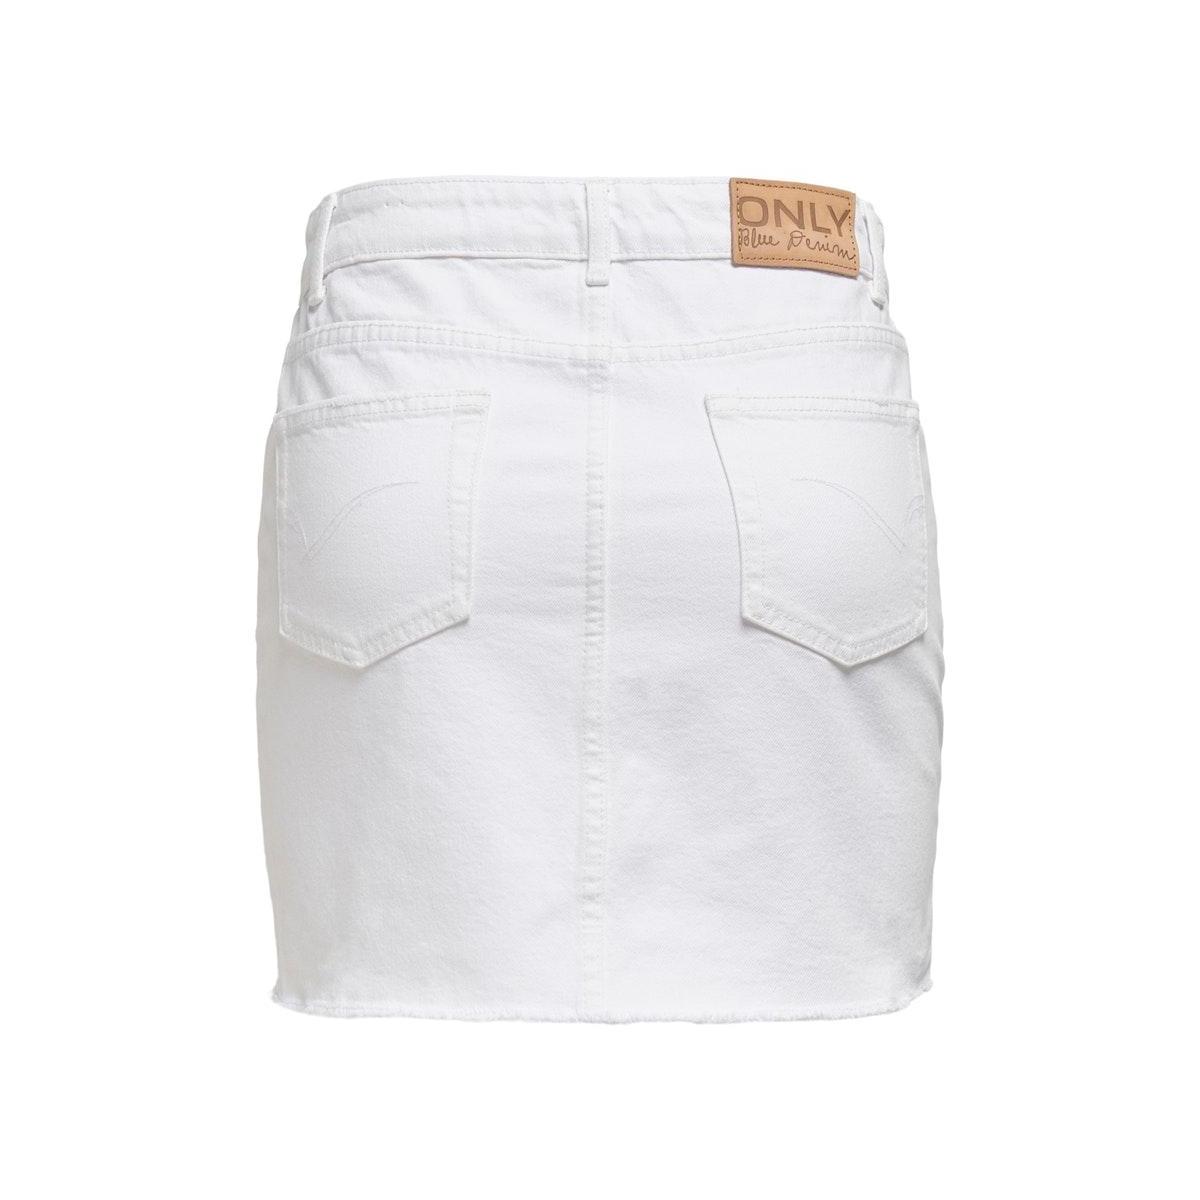 onlsky  life reg skirt raw dest bb 15196689 only rok white